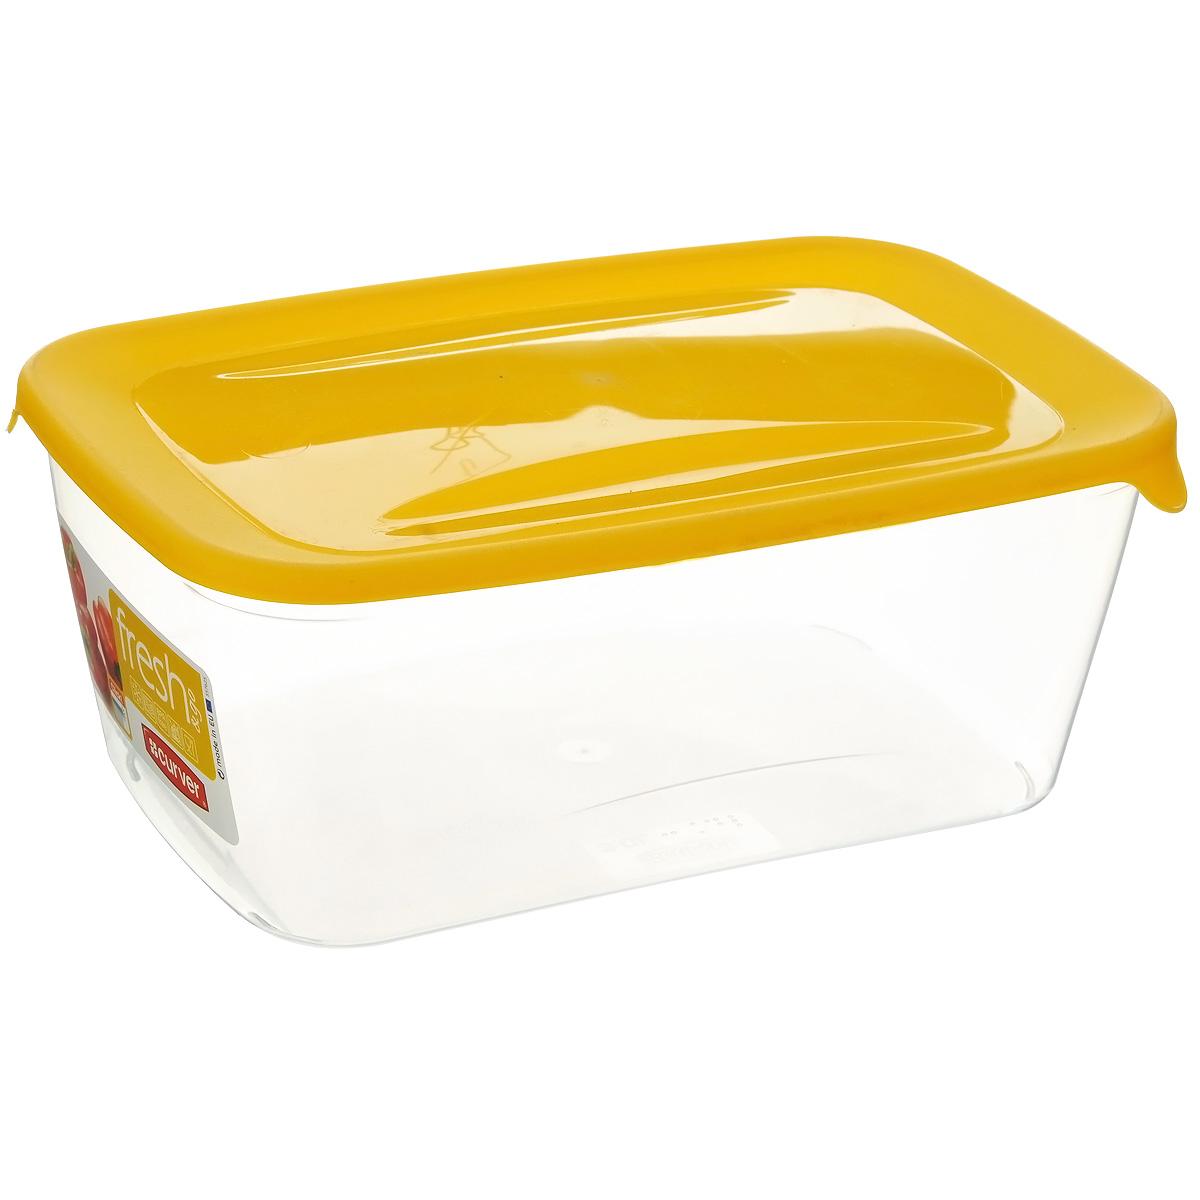 Емкость для заморозки и СВЧ Curver Fresh & Go, цвет: желтый, 3 л емкость для заморозки и свч curver fresh